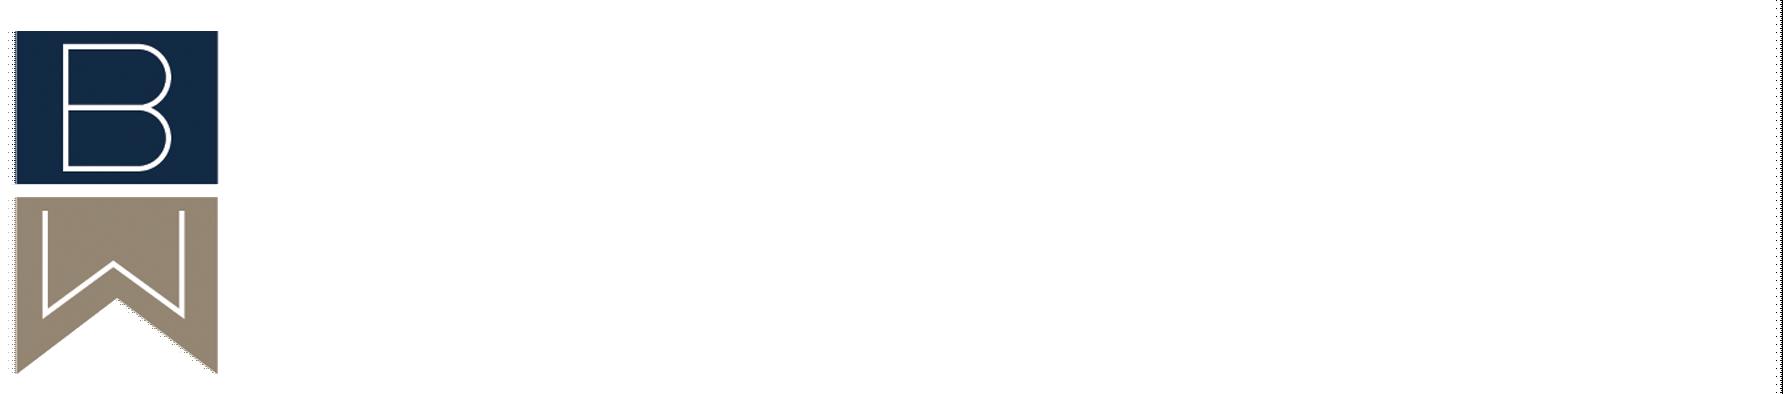 Burdine Wynne logo